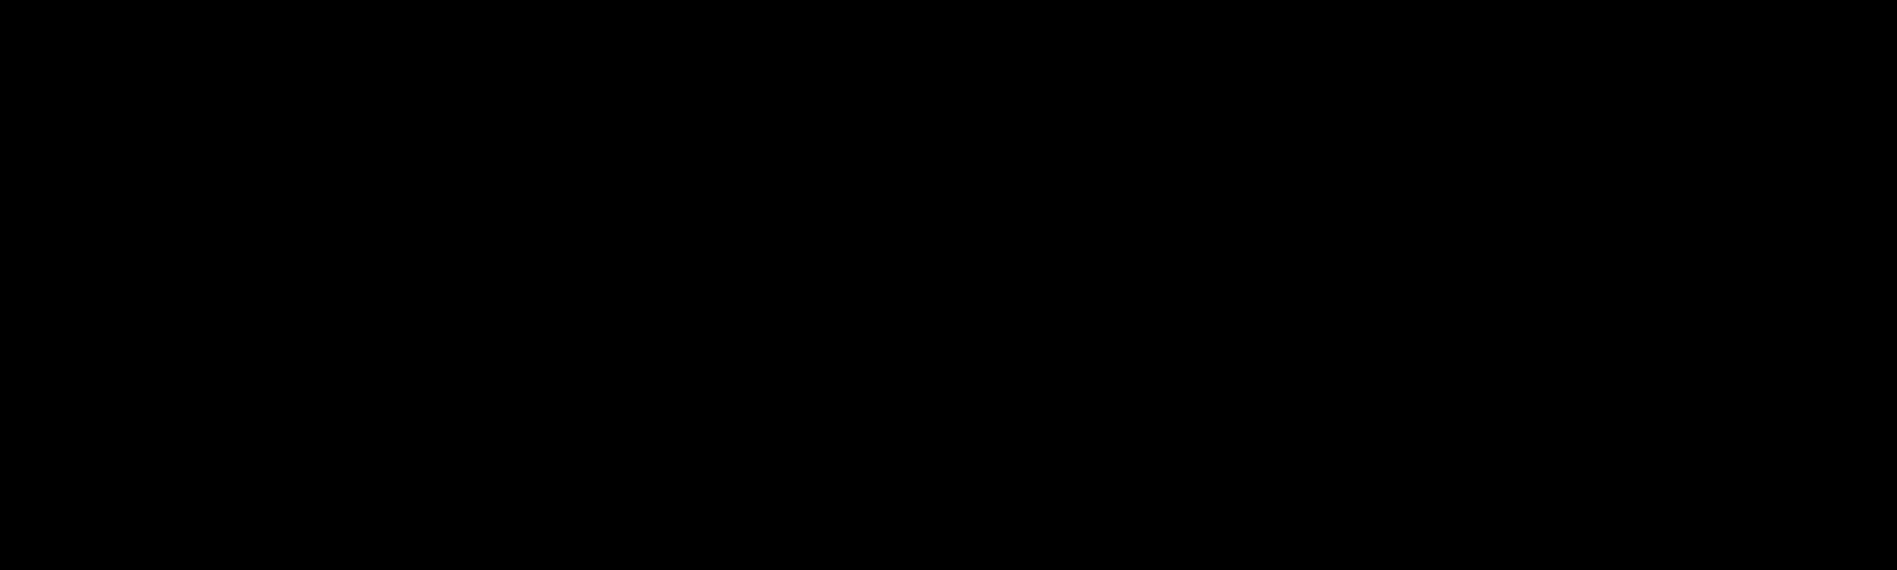 HashiCorp_PrimaryLogo_Black